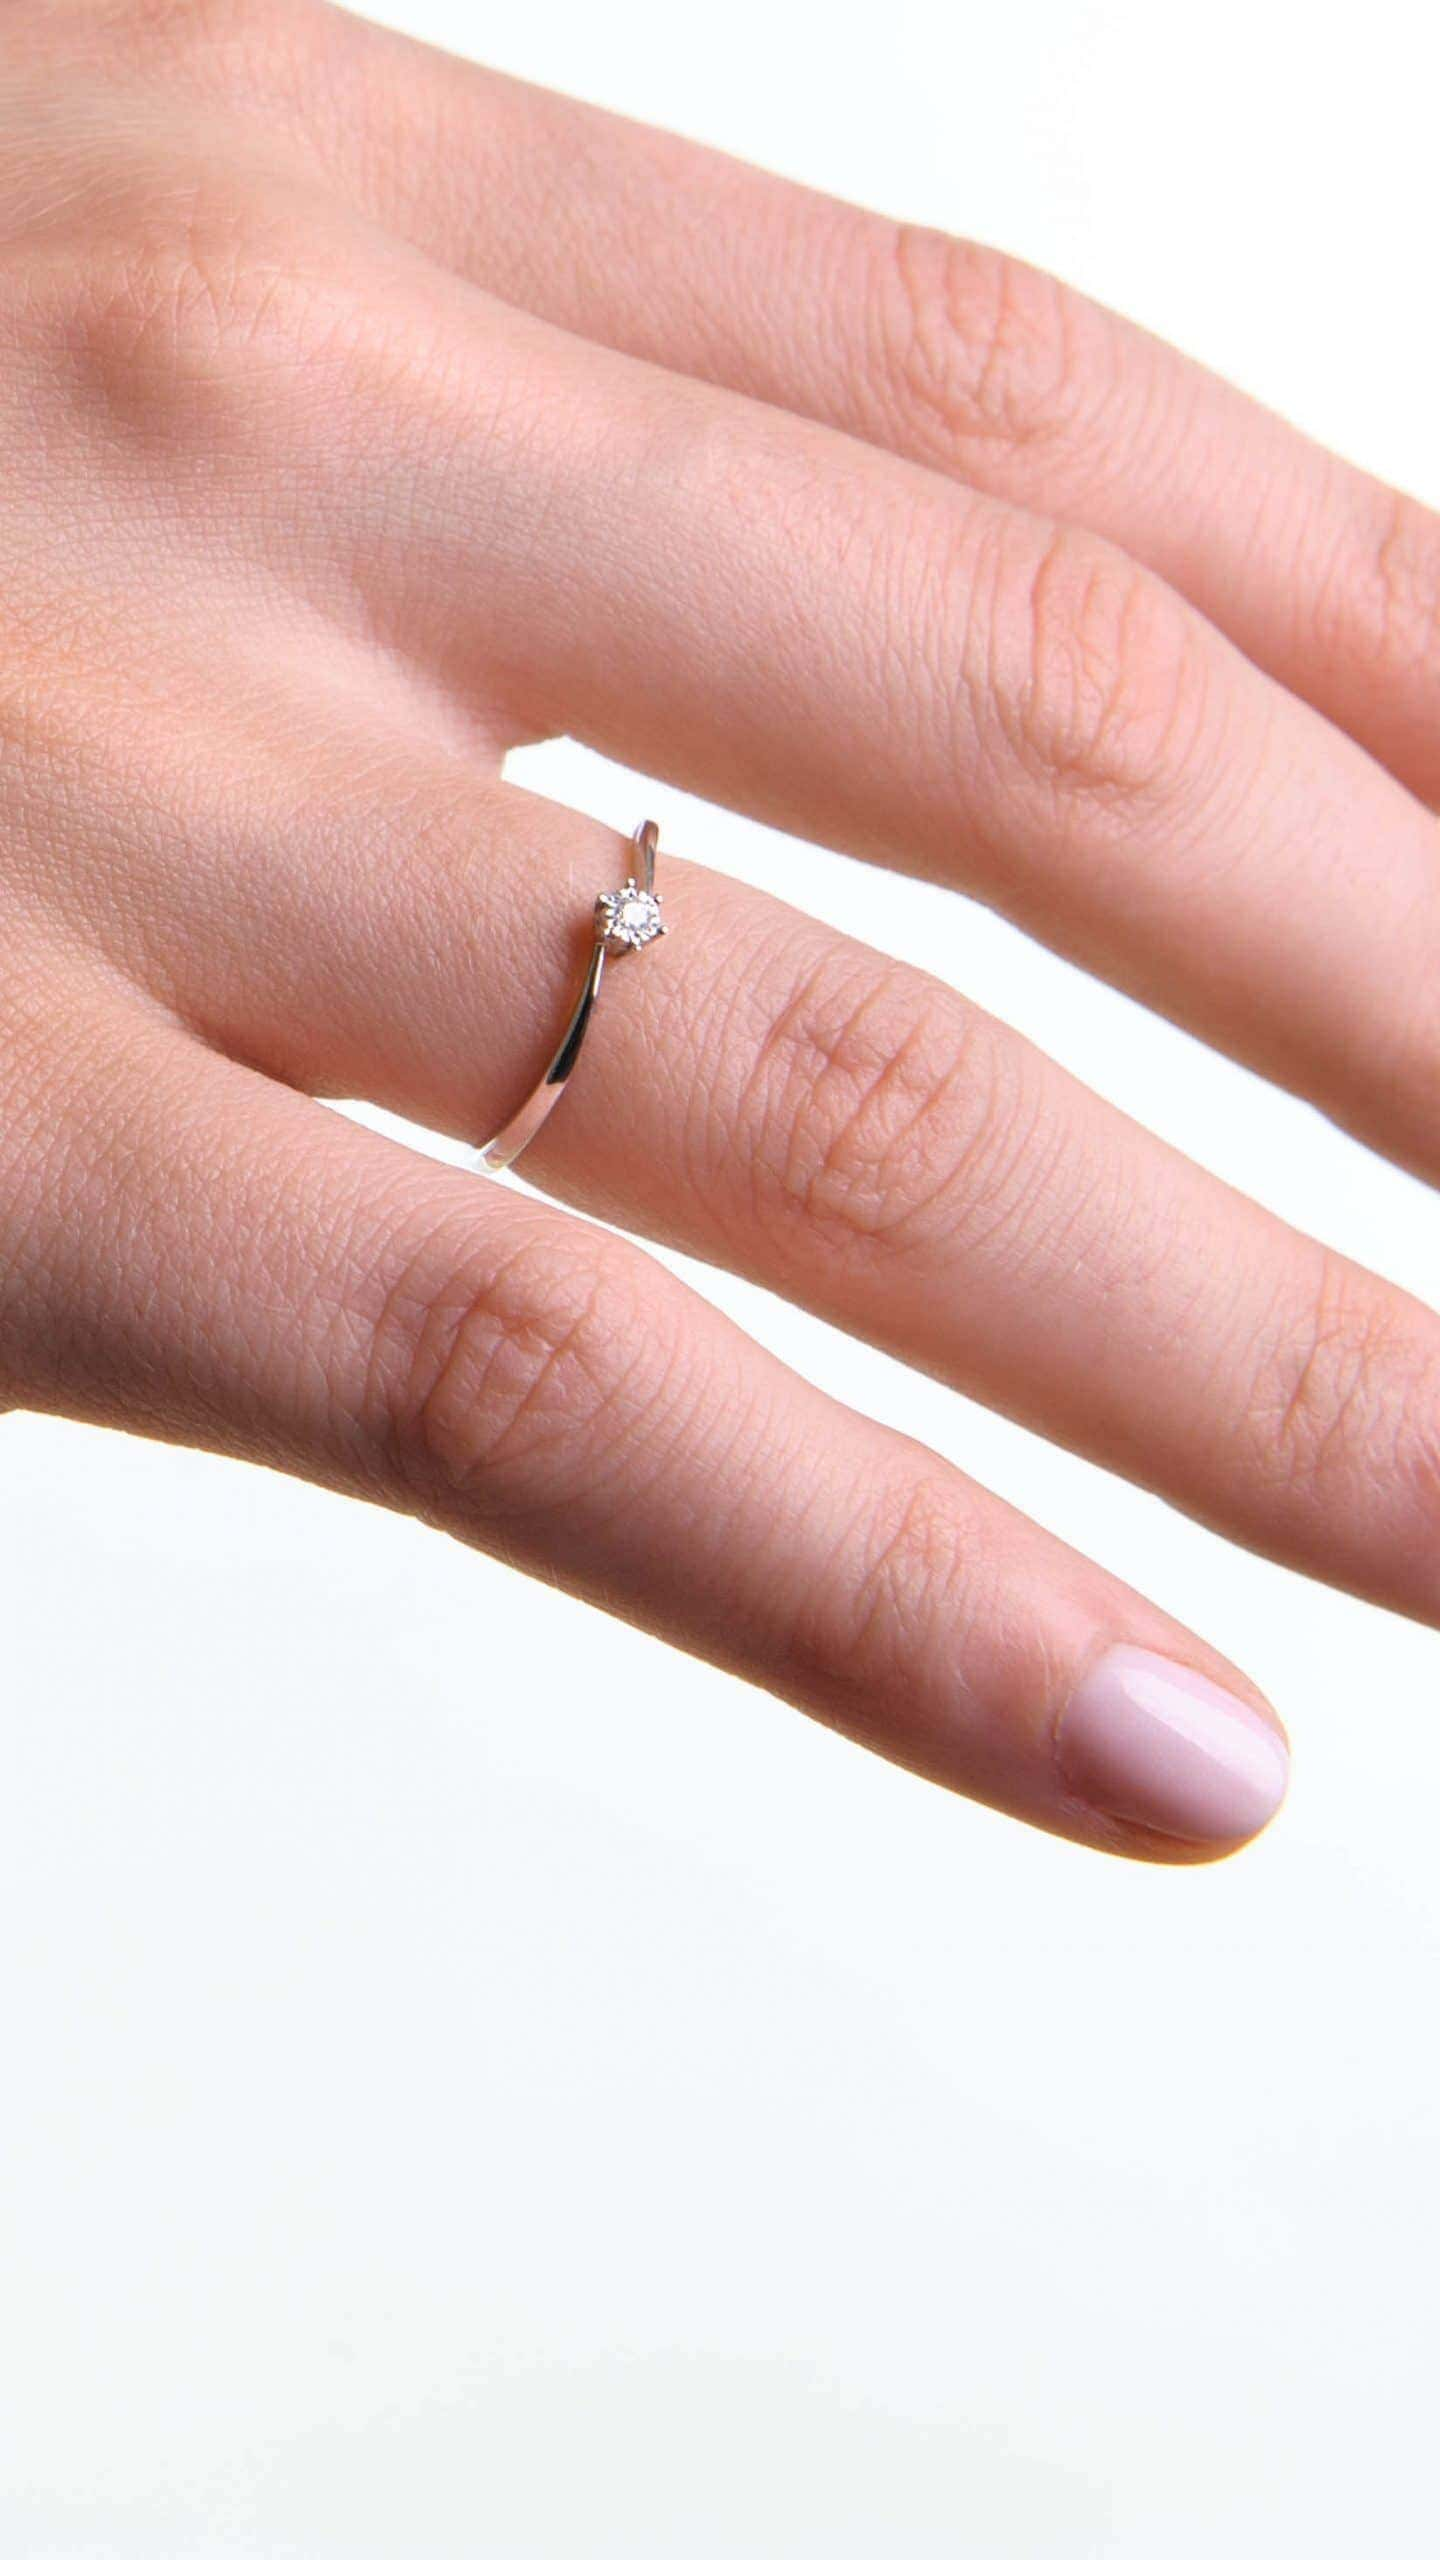 Modelka prezentuje na dłoni zaręczynowy pierścionek z białego złota z diamentem.